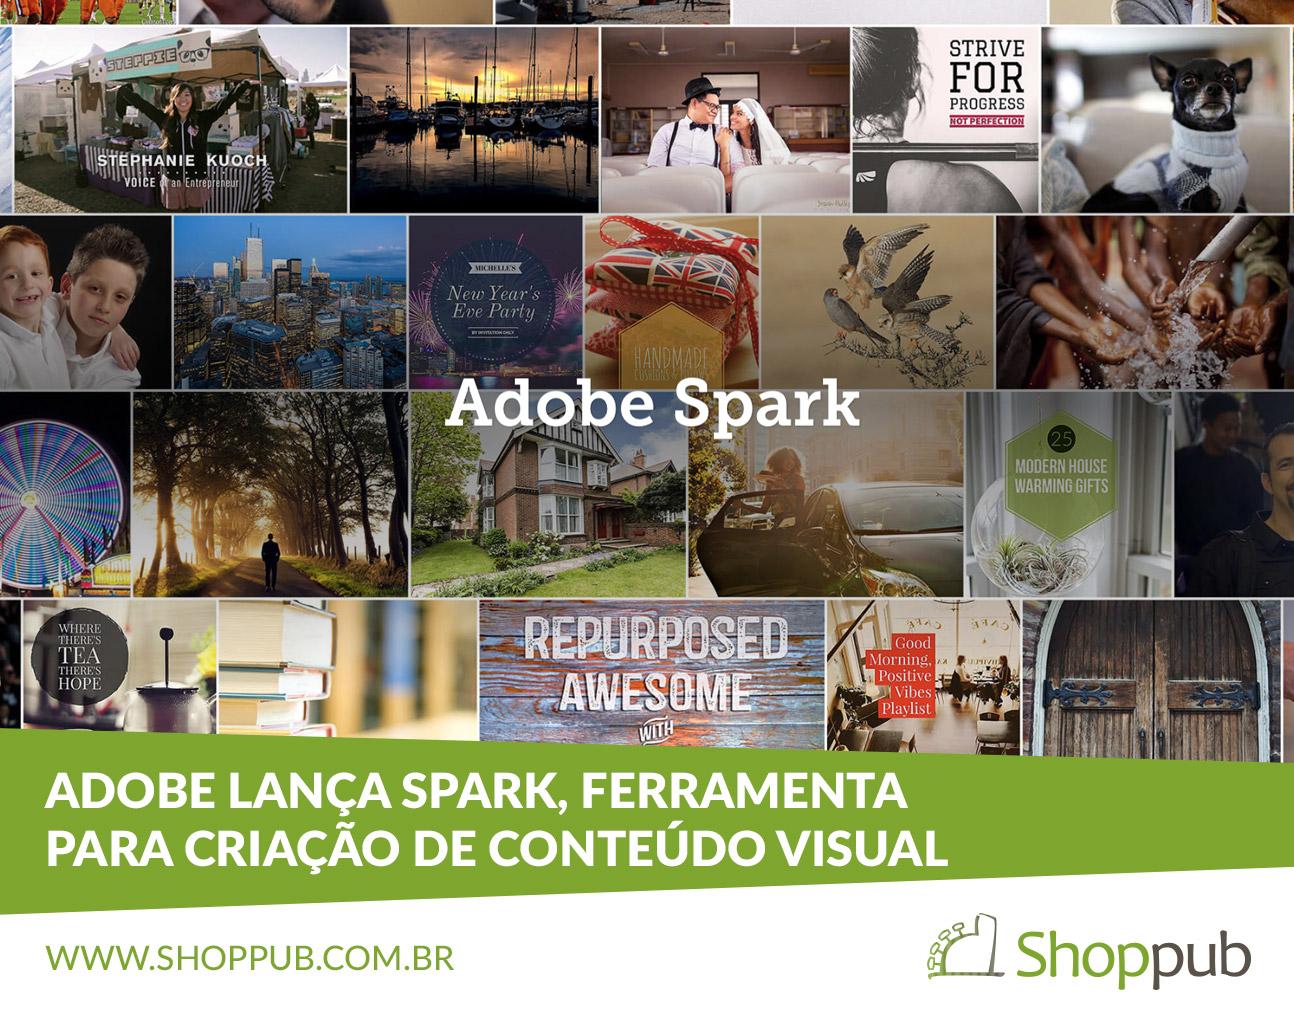 Adobe lança Spark, ferramenta para criação de conteúdo visual